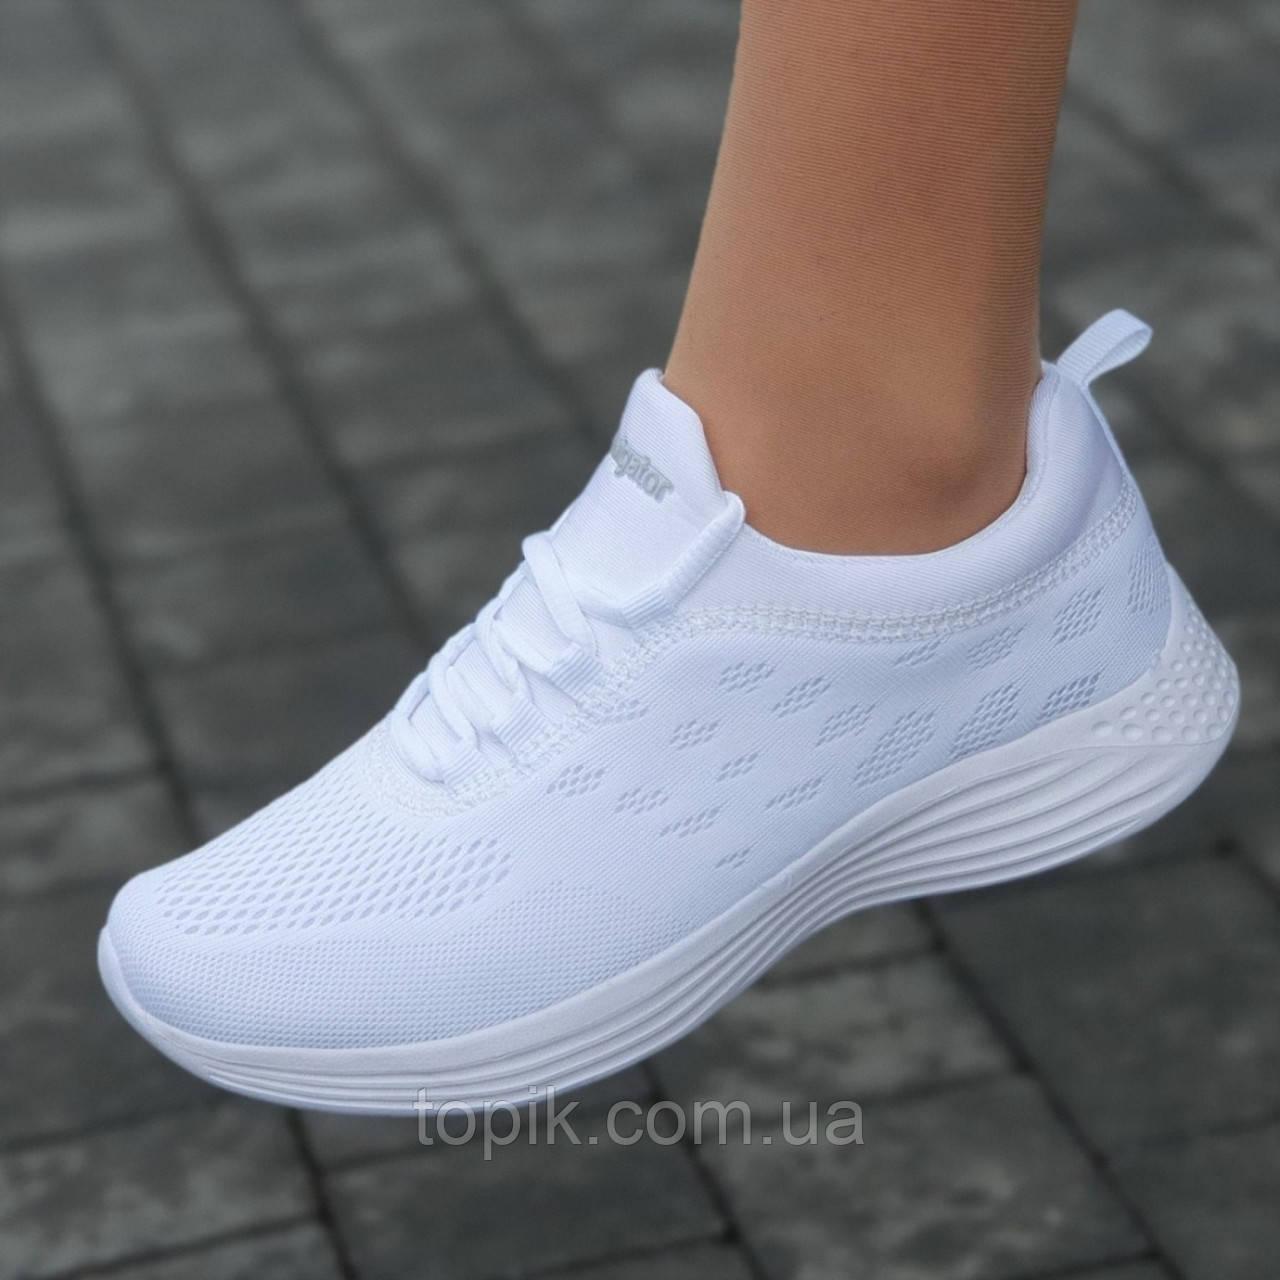 Кроссовки женские белые светлые сетка летние весенние модные для бега фитнеса (Код: 1661)